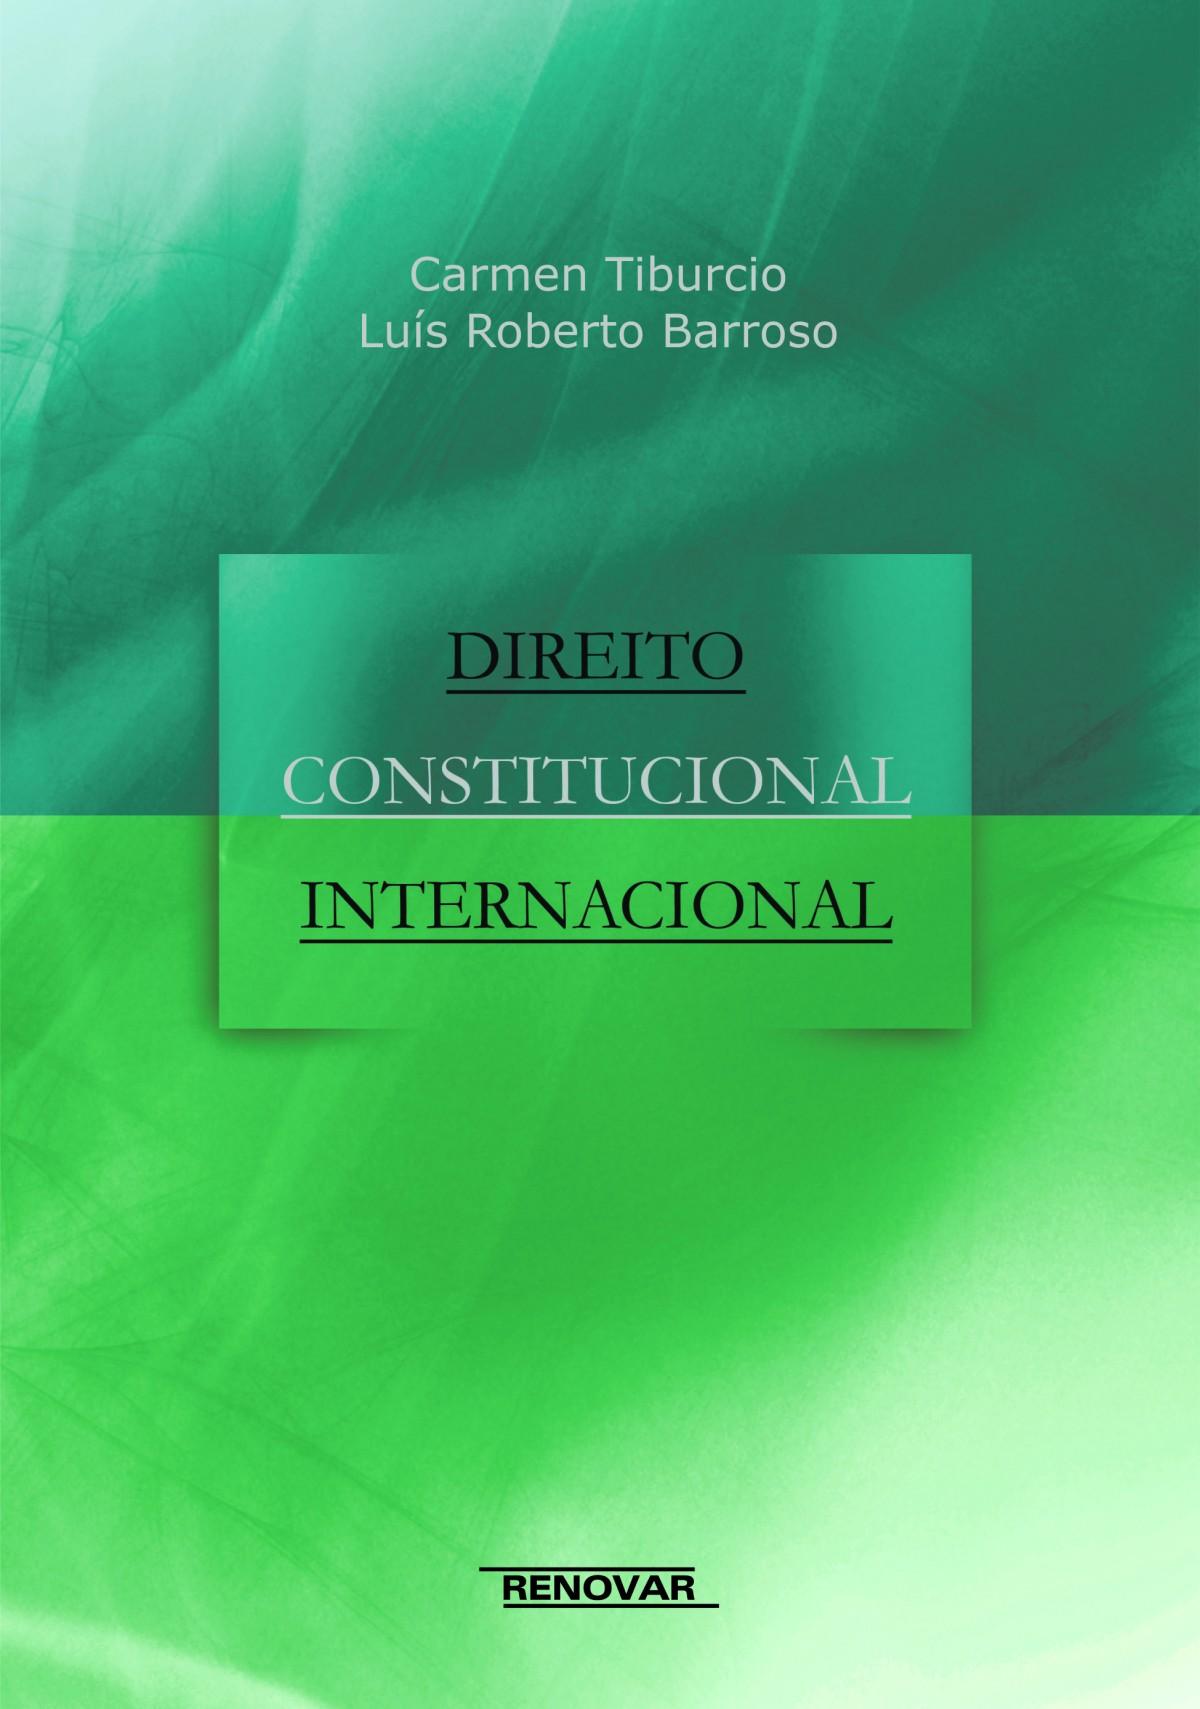 Foto 1 - Direito Constitucional Internacional